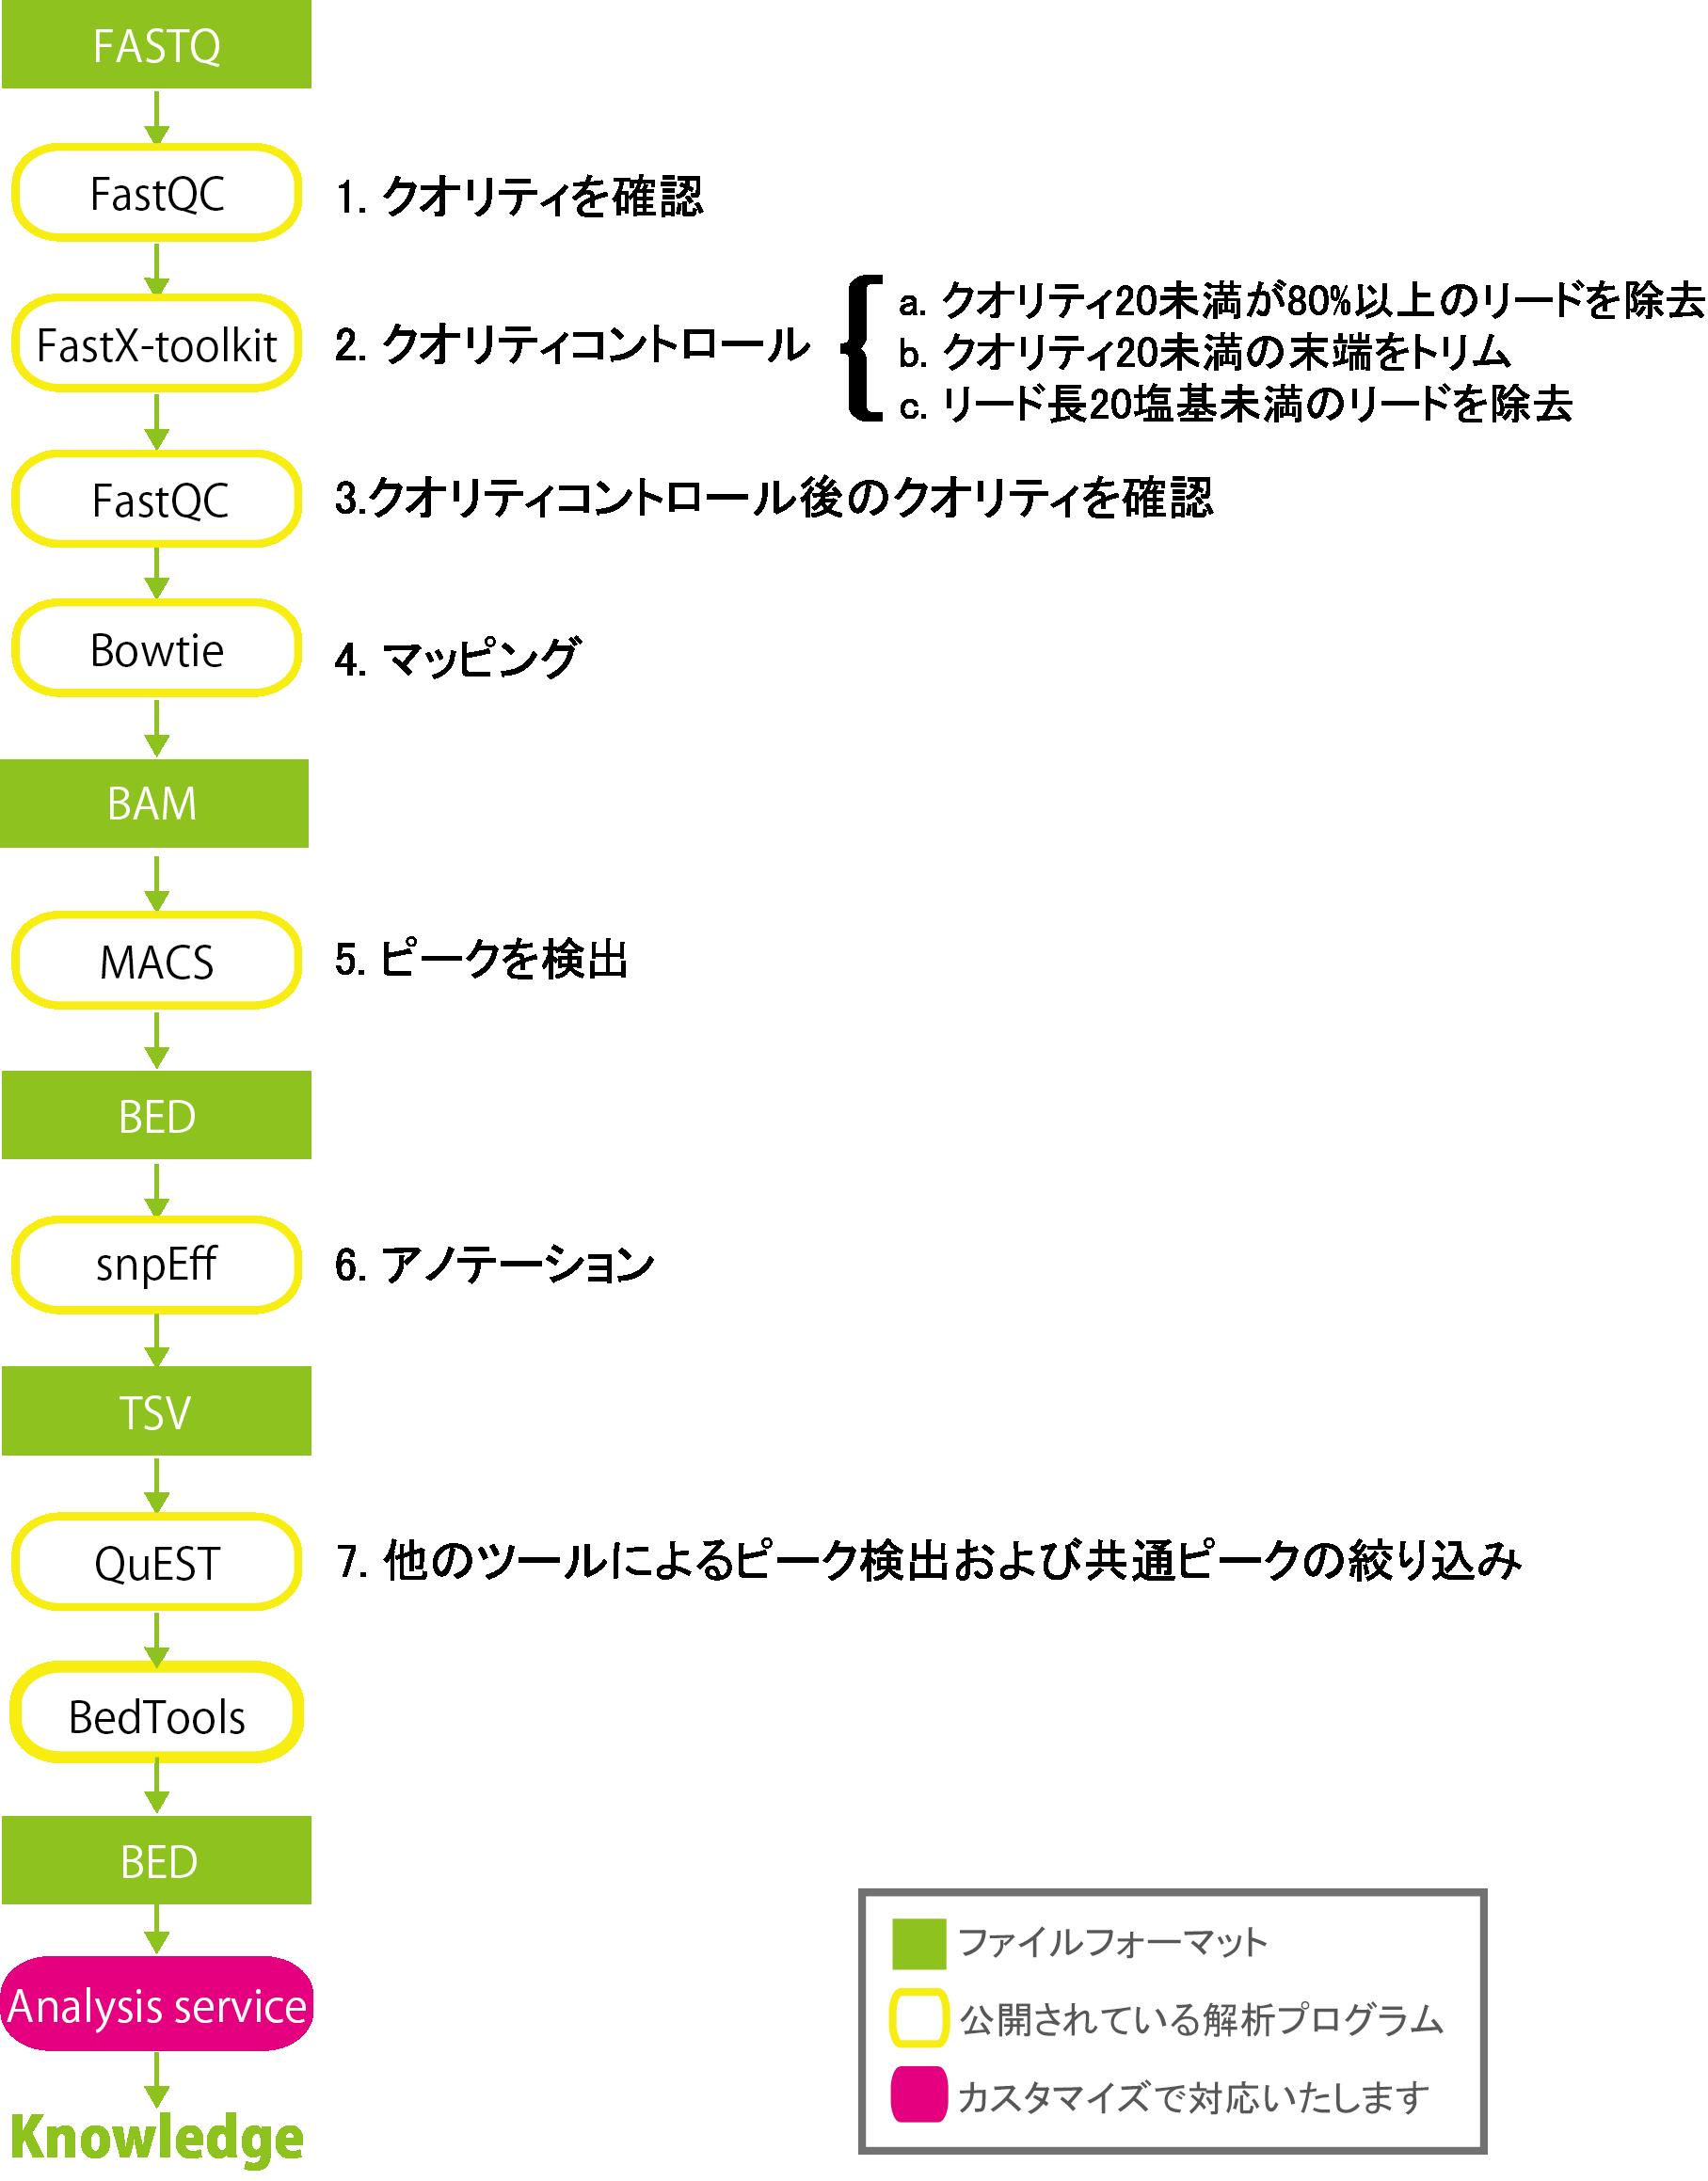 1.クオリティを確認、2.クオリティコントロール、3.クオリティコントロール後のクオリティを確認、4.マッピング、5.ピークを検出、6.アノテーション、7.他のツールによるピーク検出および共通ピークの絞り込み